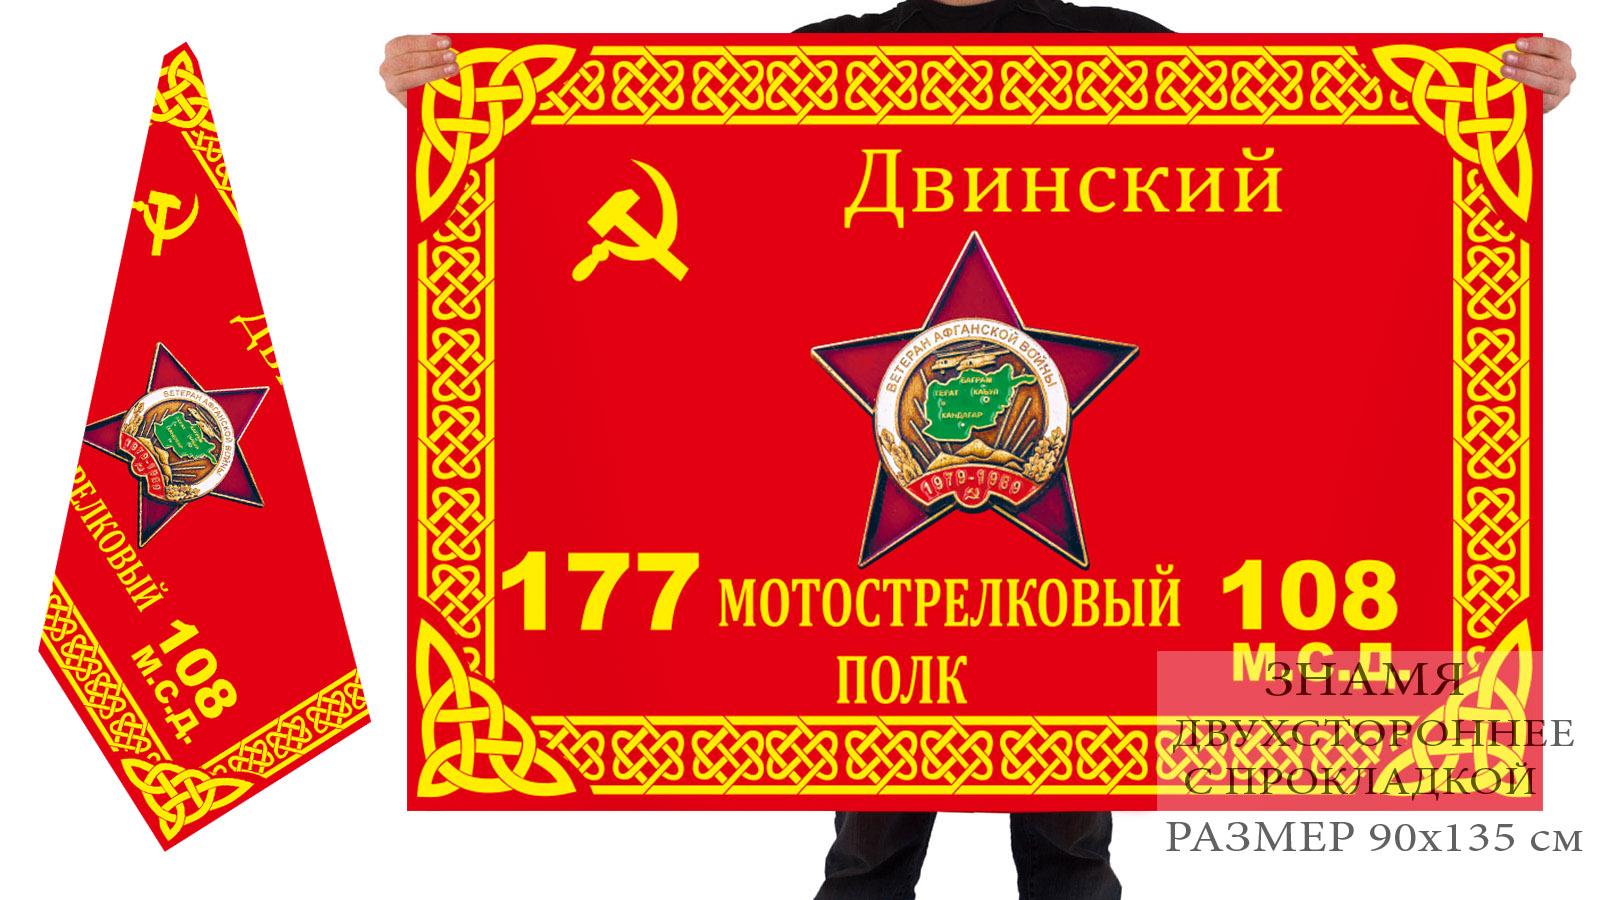 Двусторонний флаг 177 Двинского мотострелкового полка